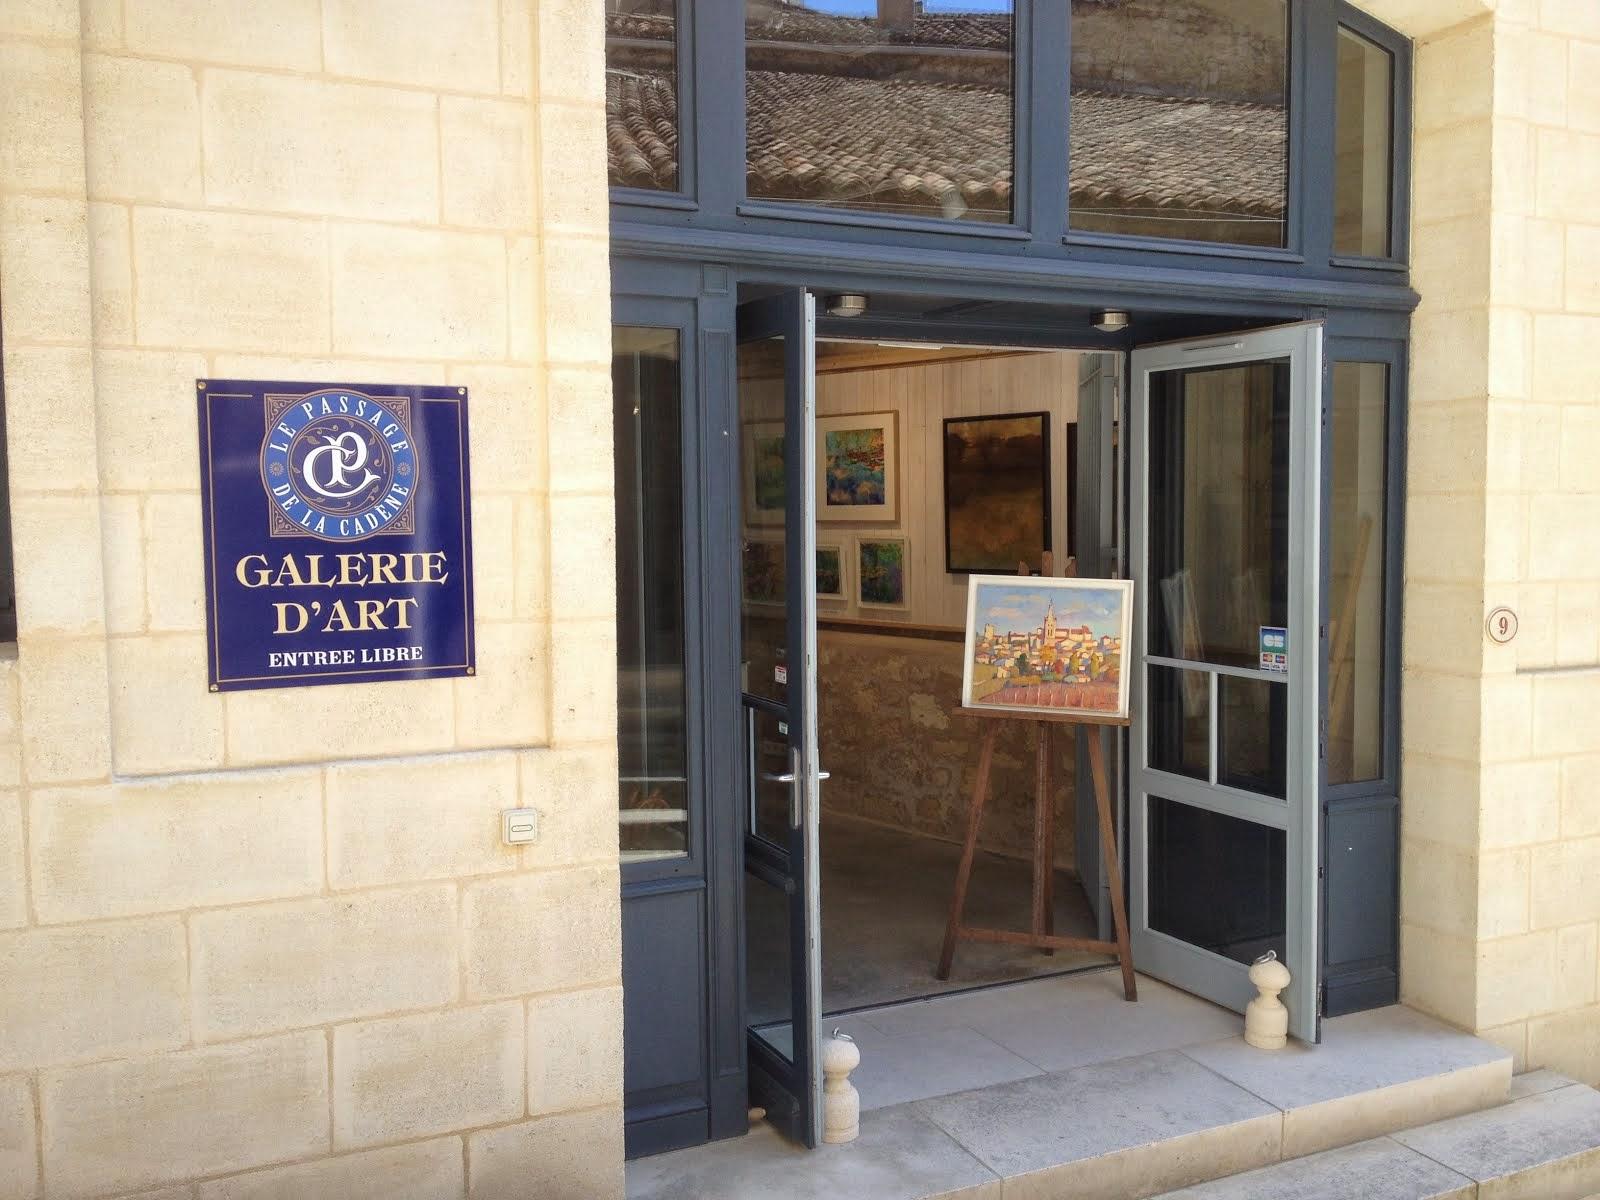 SAINT-ÉMILION - GALERIE LE PASSAGE DE LA CADENE